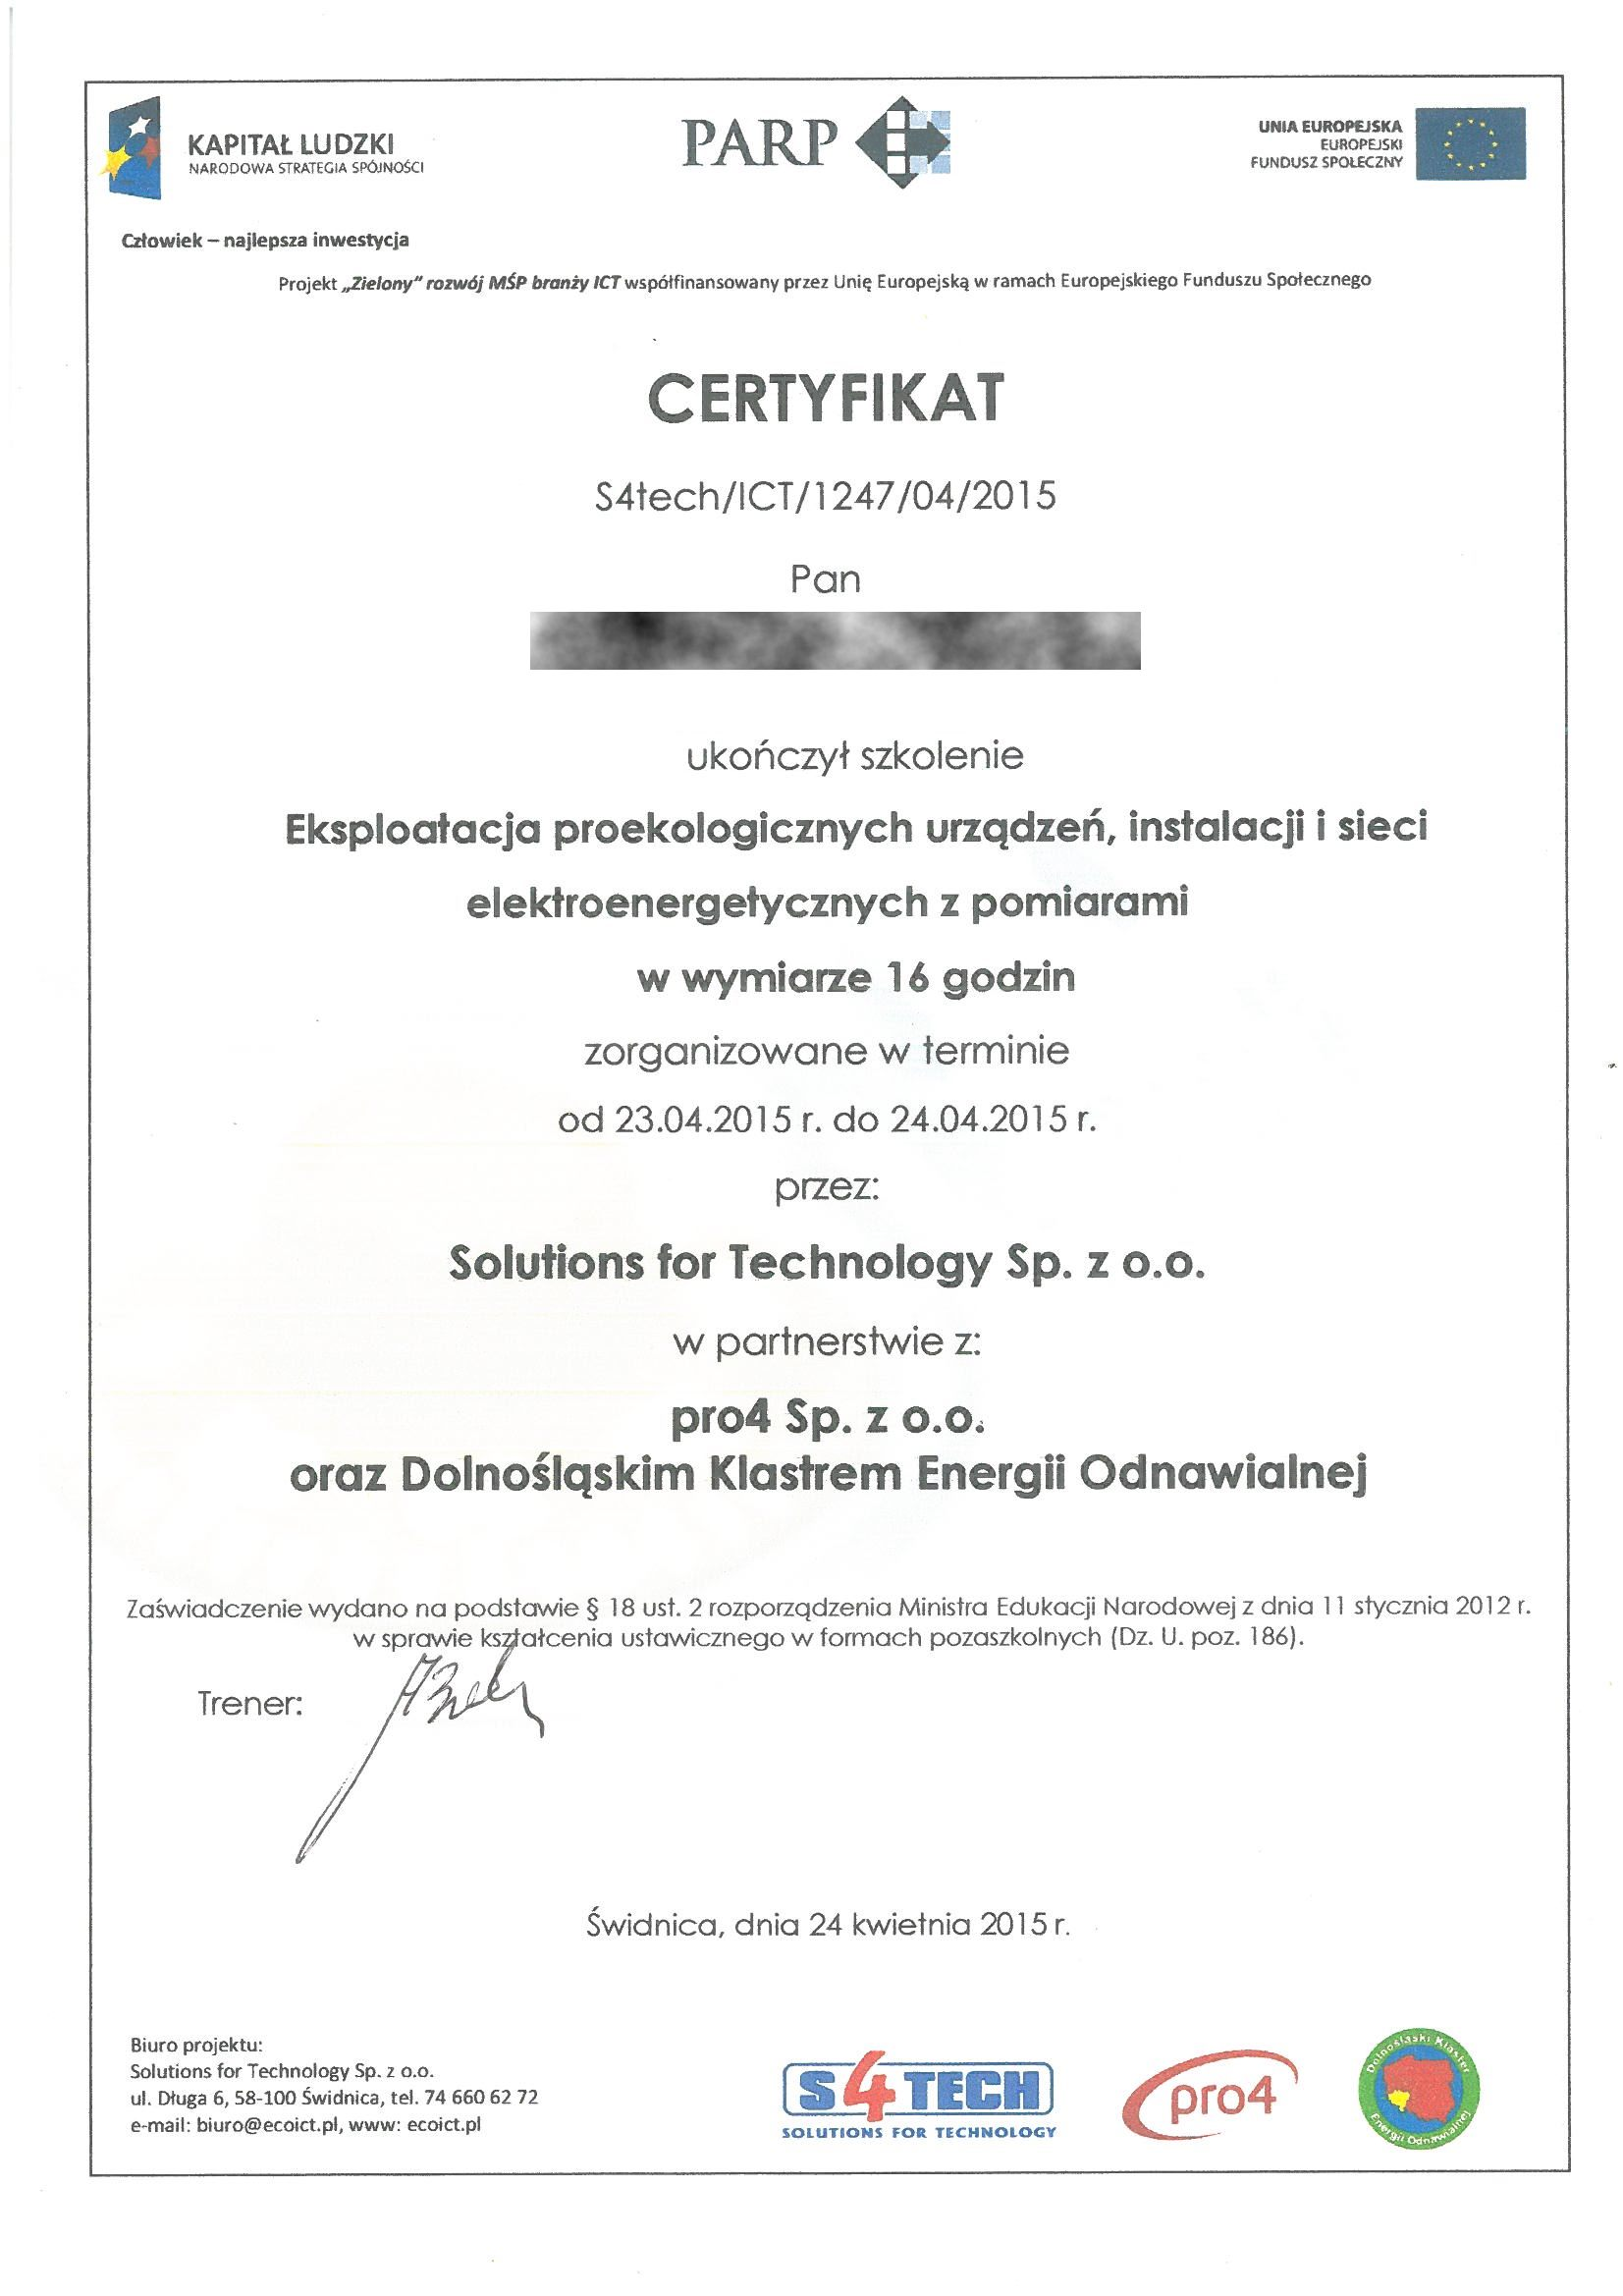 PARP 2015 GP Cert eksploat proekolog urzadzen RODO